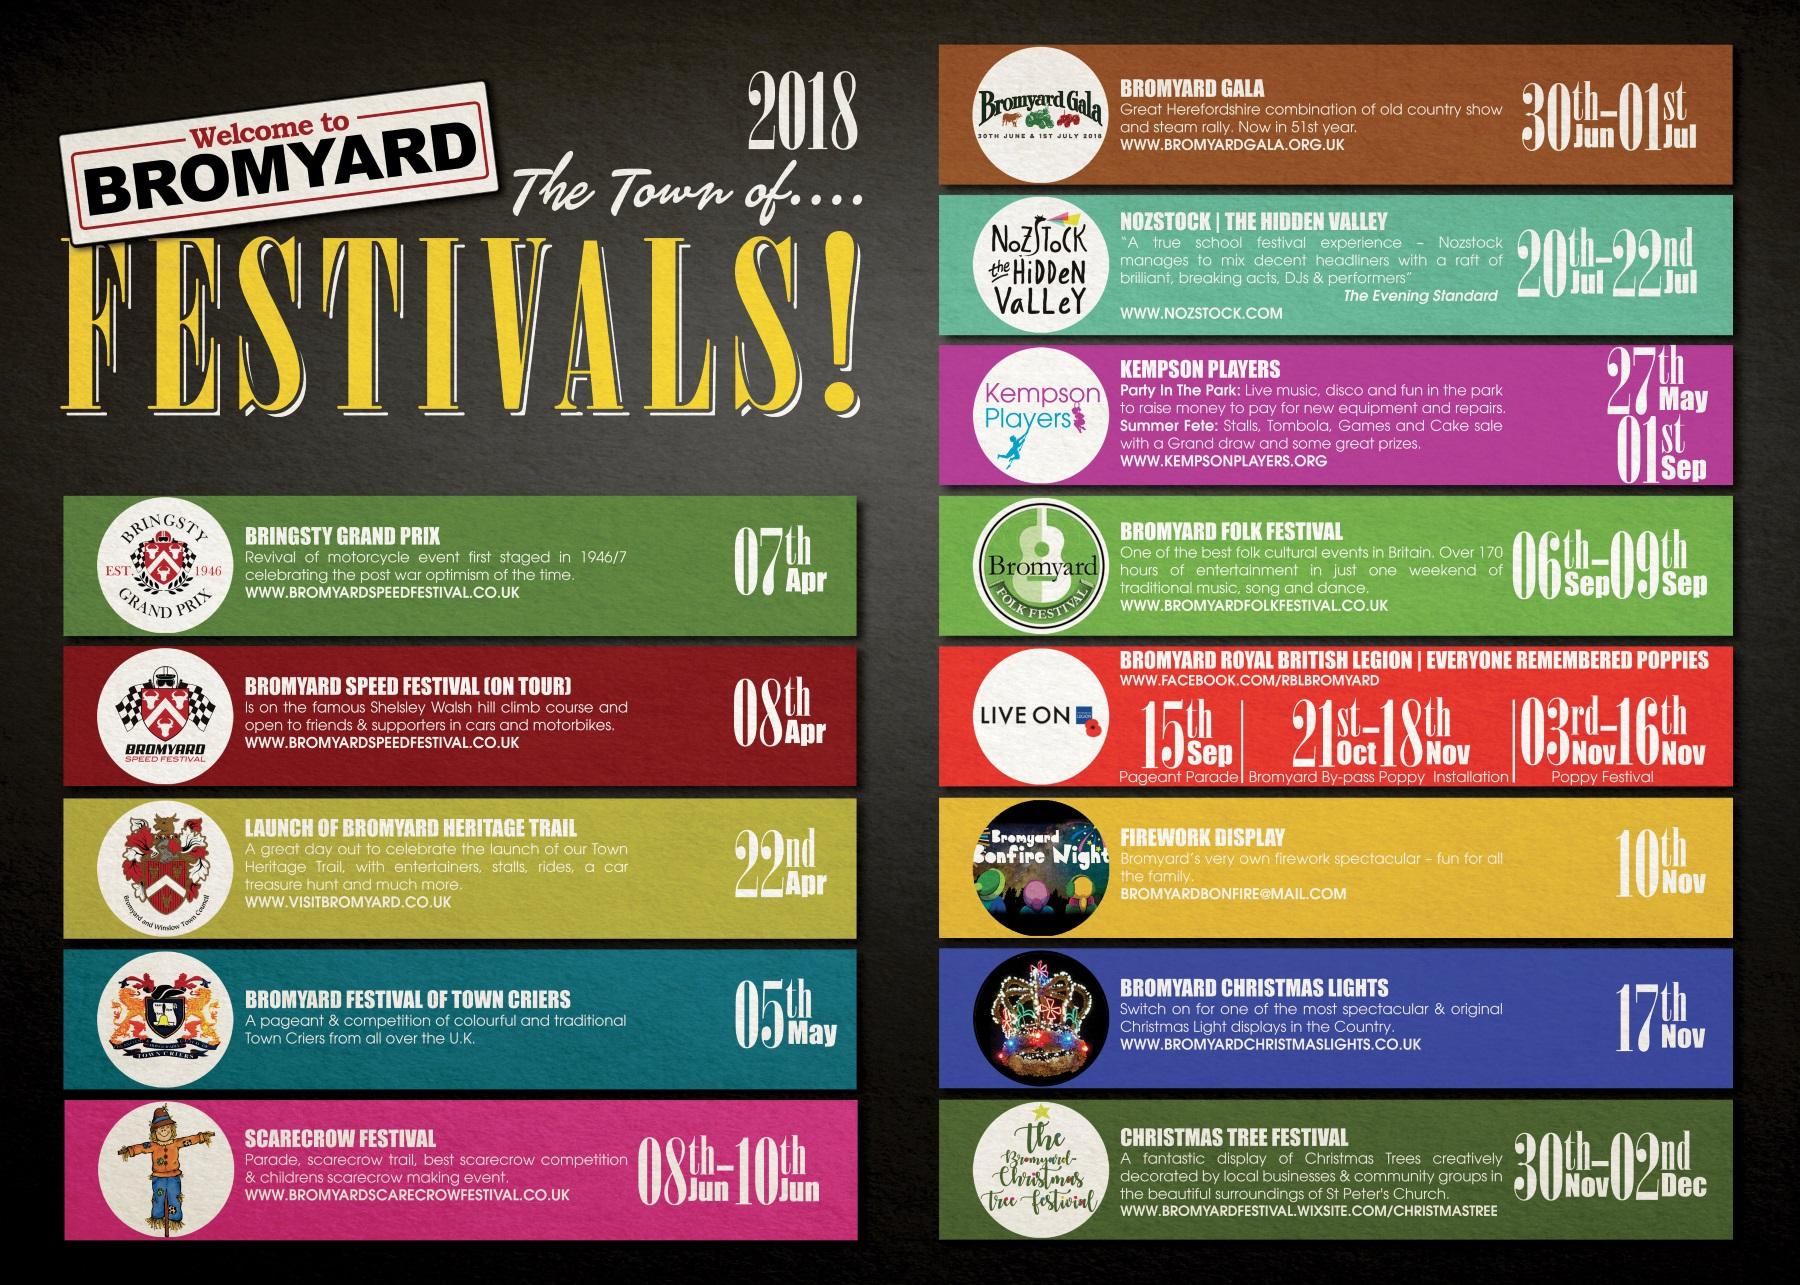 bromyard festivals calendar 2018